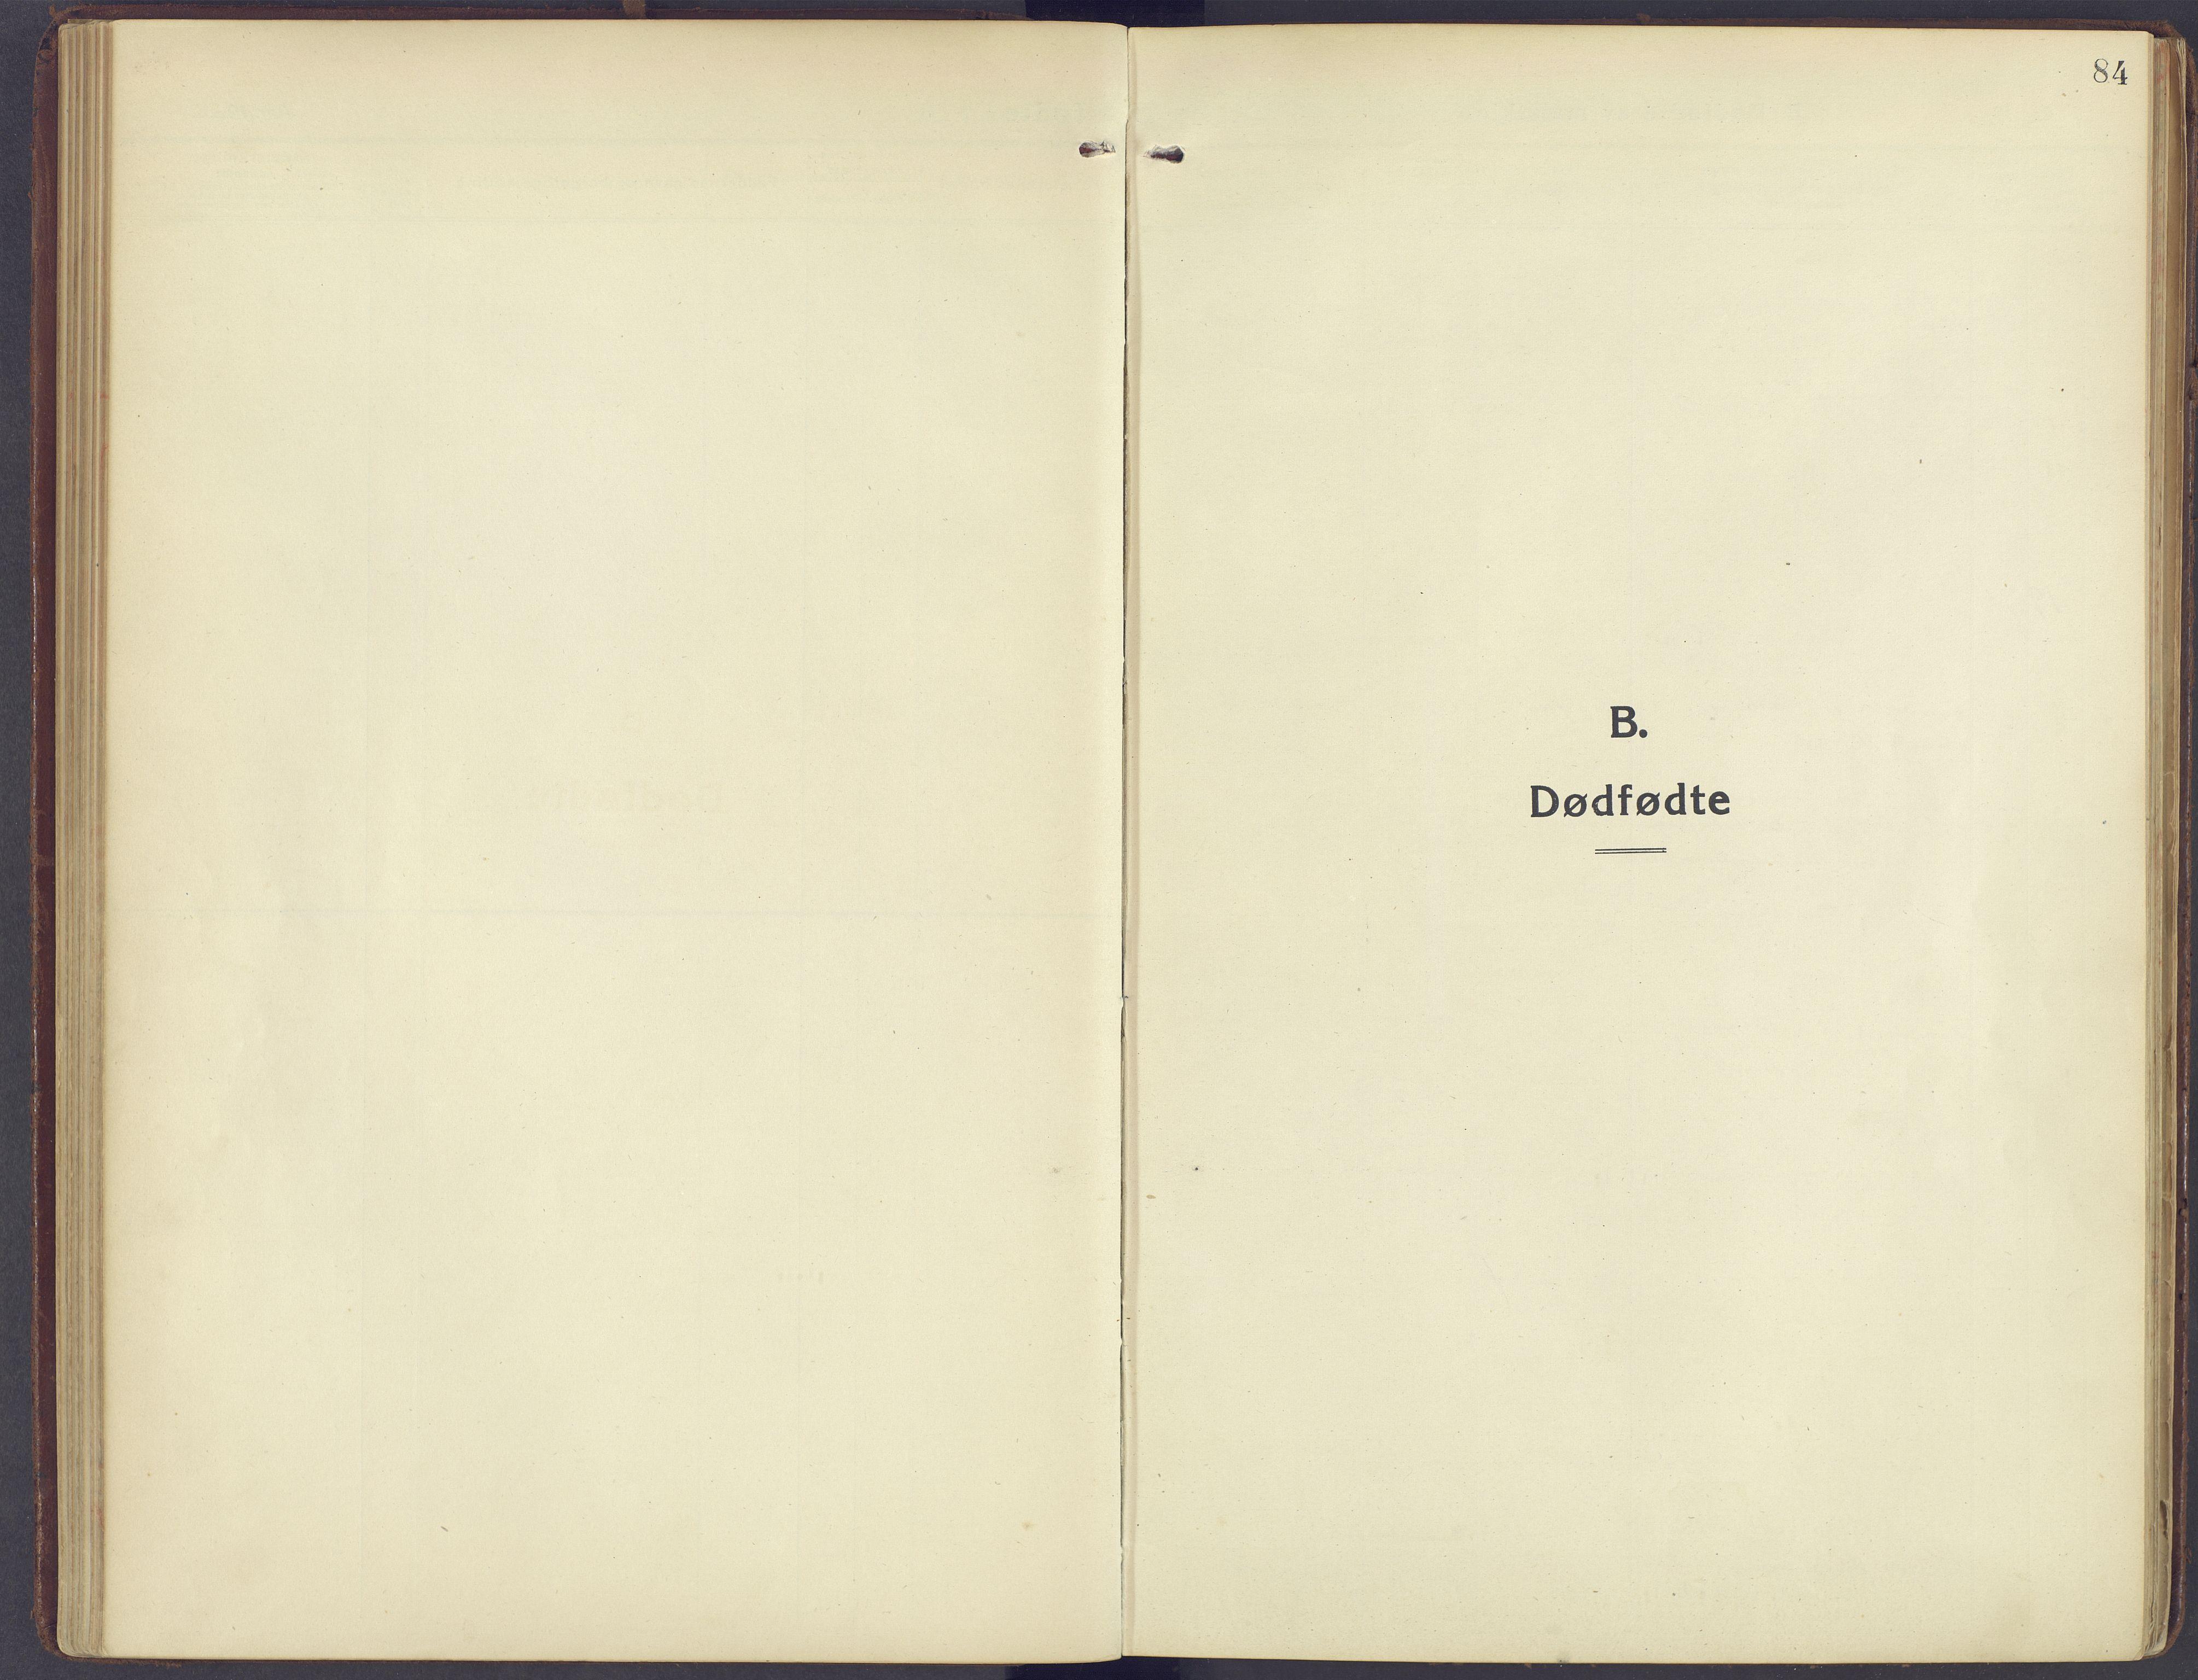 SAH, Sør-Fron prestekontor, H/Ha/Haa/L0005: Parish register (official) no. 5, 1920-1933, p. 84